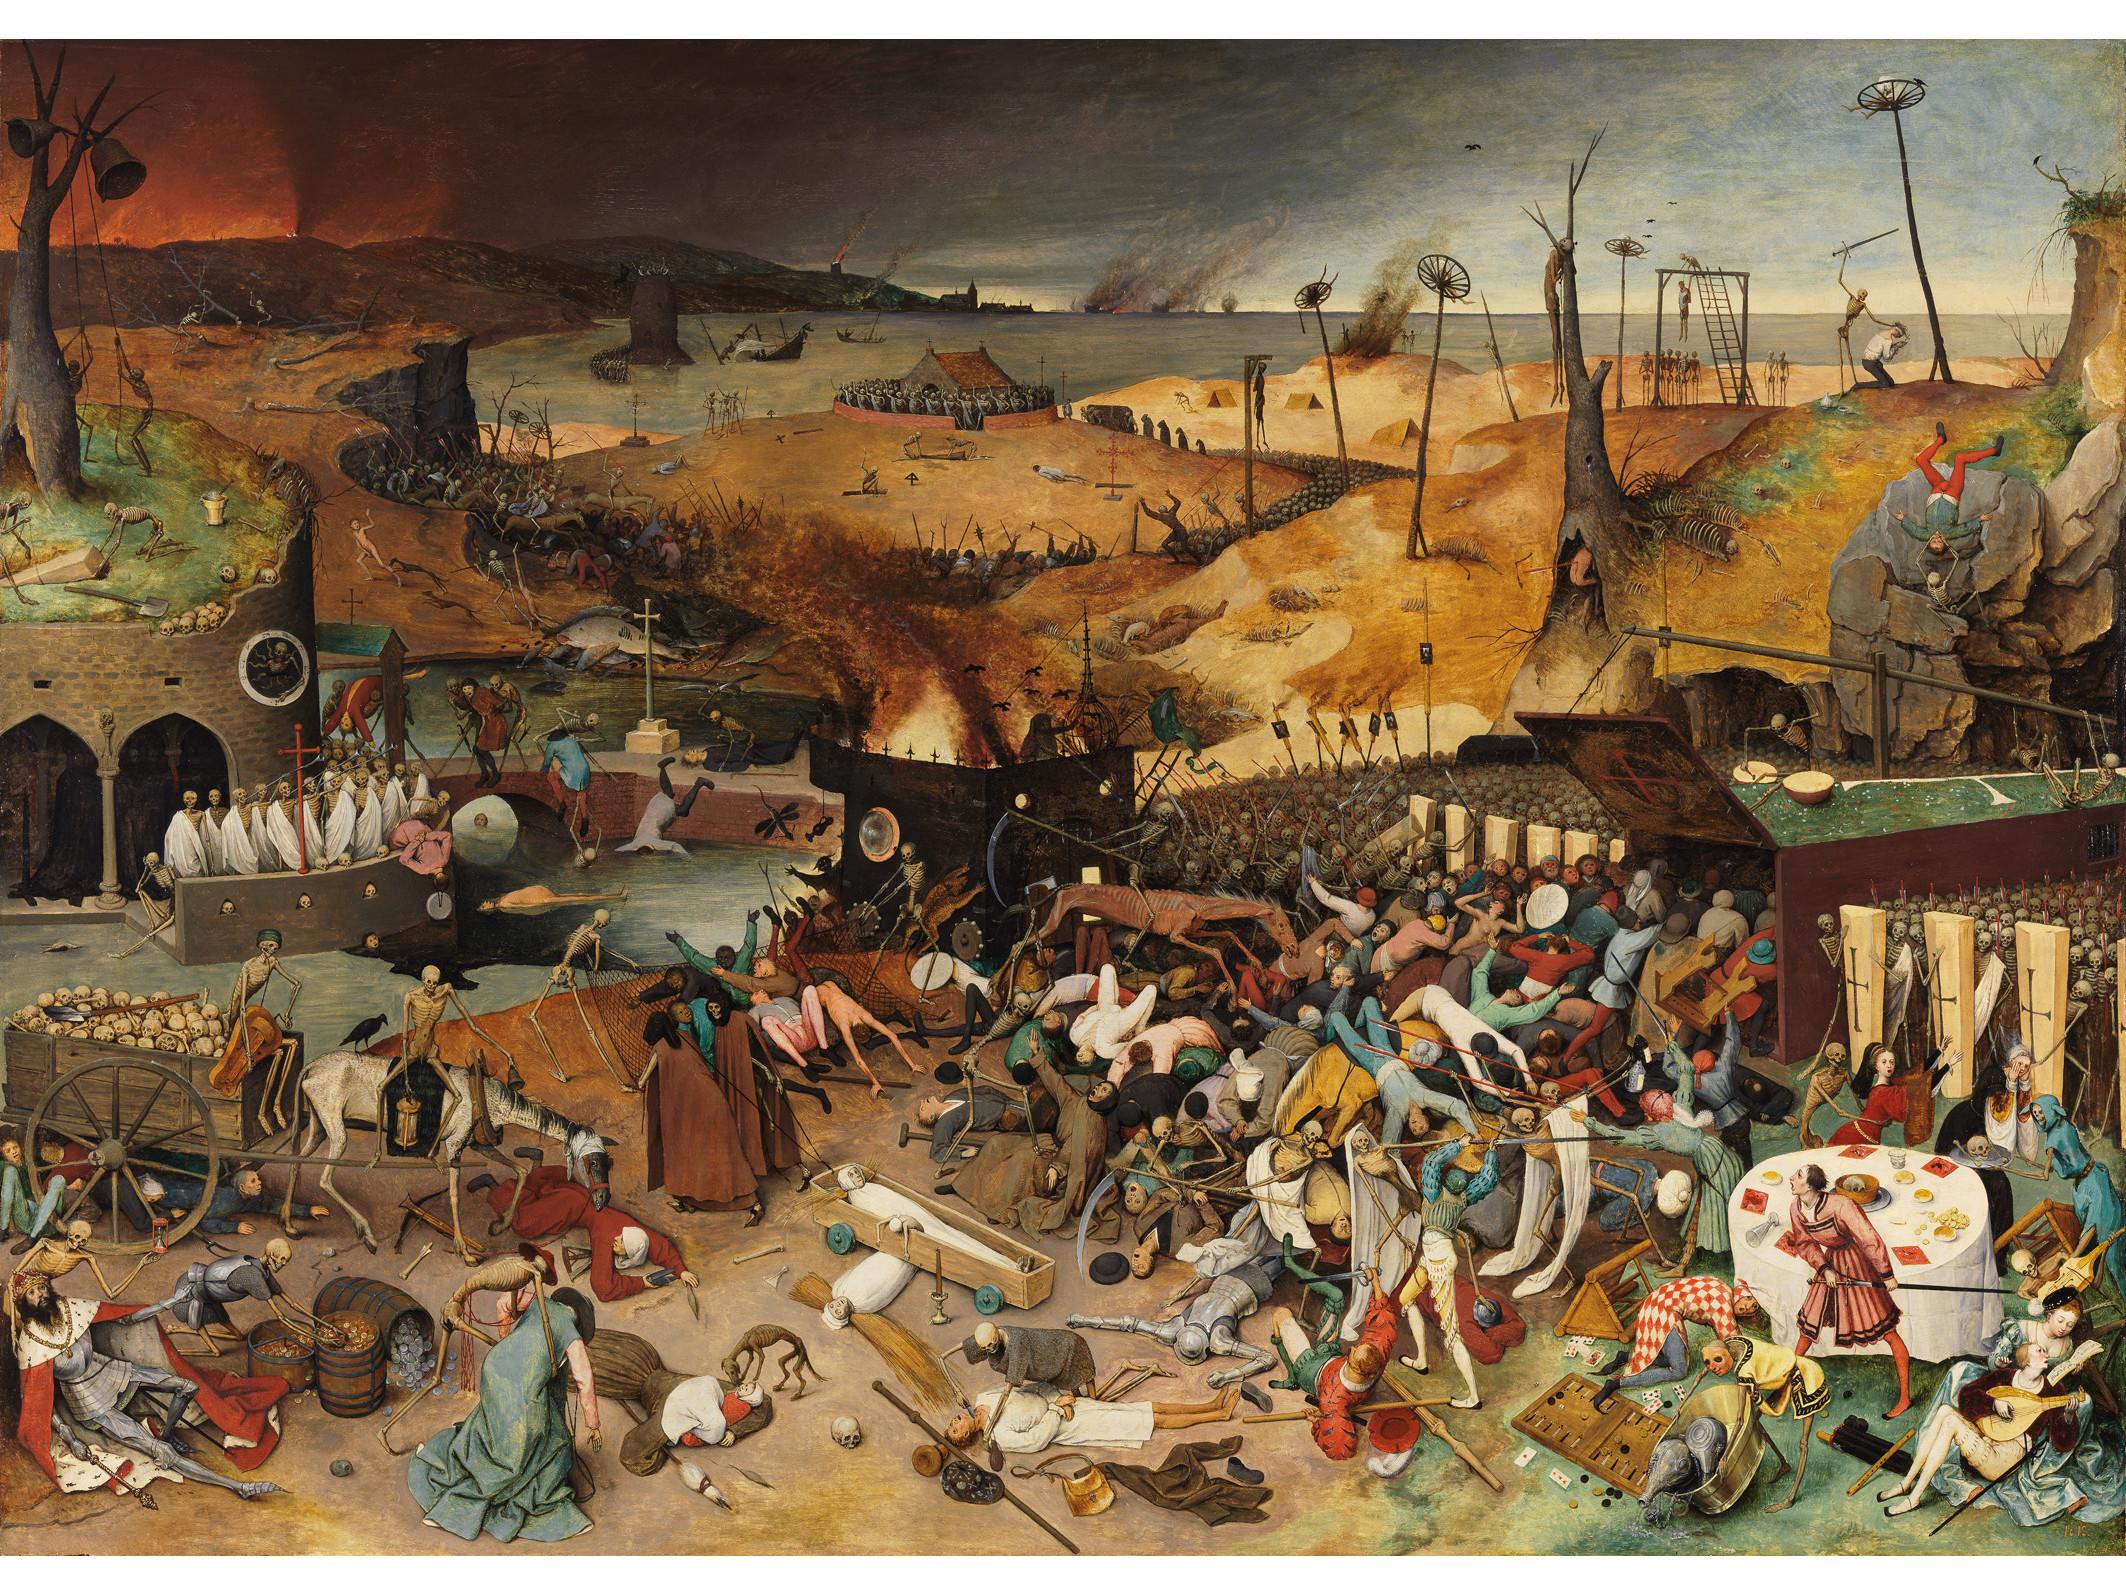 circuitpython_The_Triumph_of_Death_by_Pieter_Bruegel_the_Elder-43whitelb.jpg